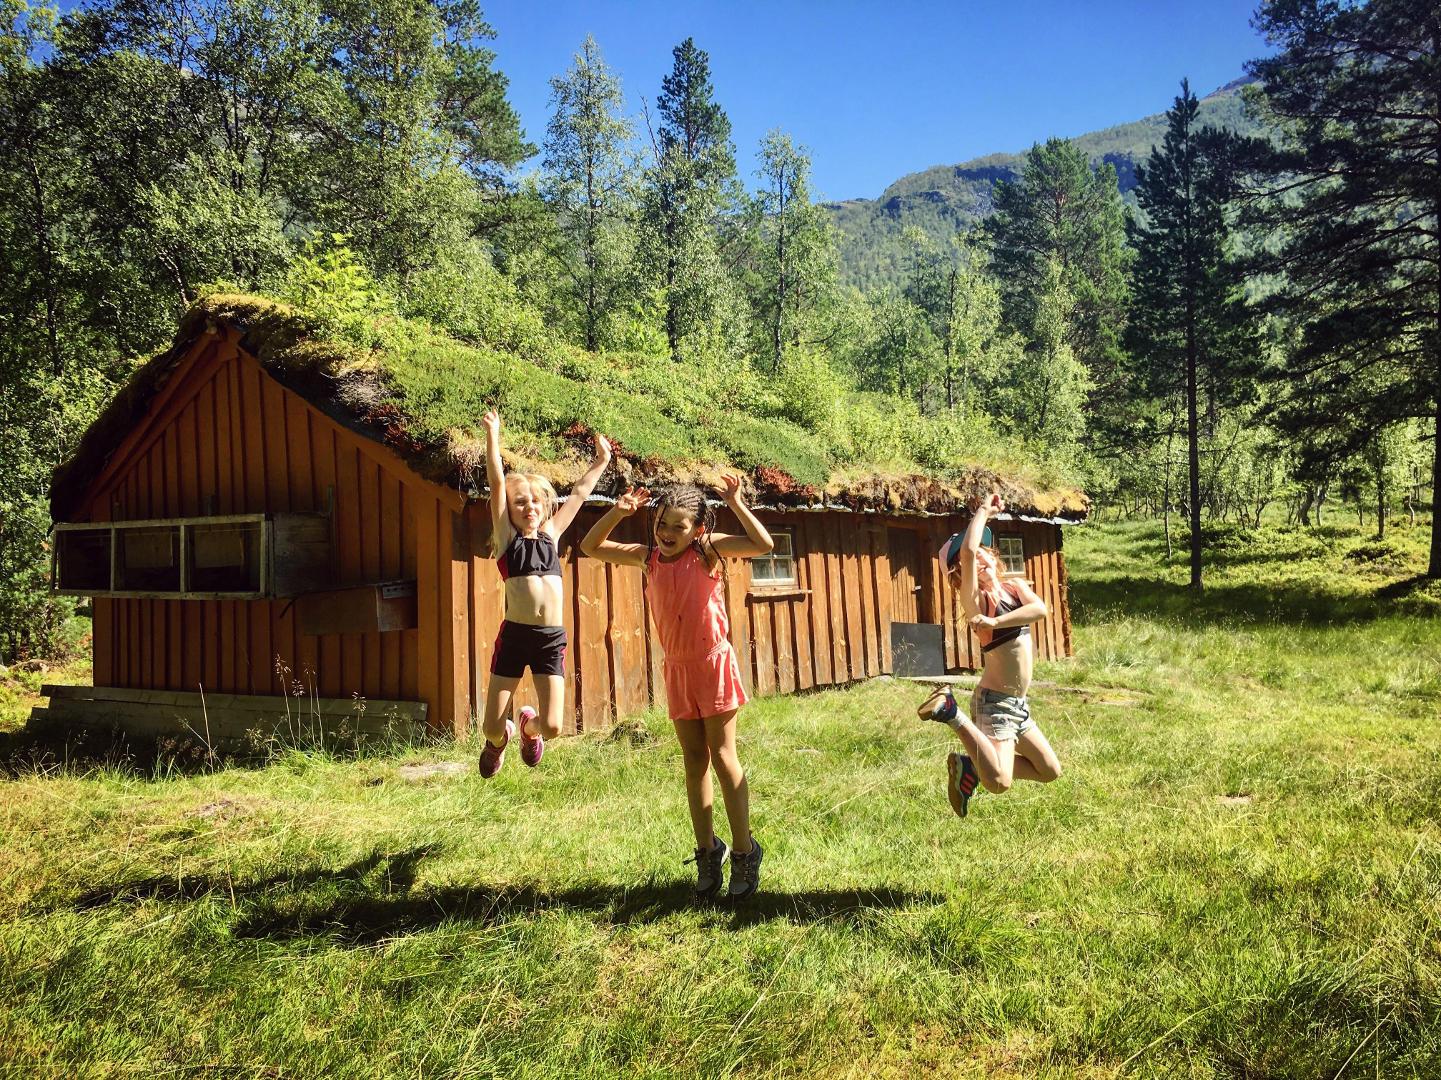 Spreke jenter ved Kløftsetra, Tuva, Synne og Frida, 27. juli 2018. Fotograf: Trine Storholt